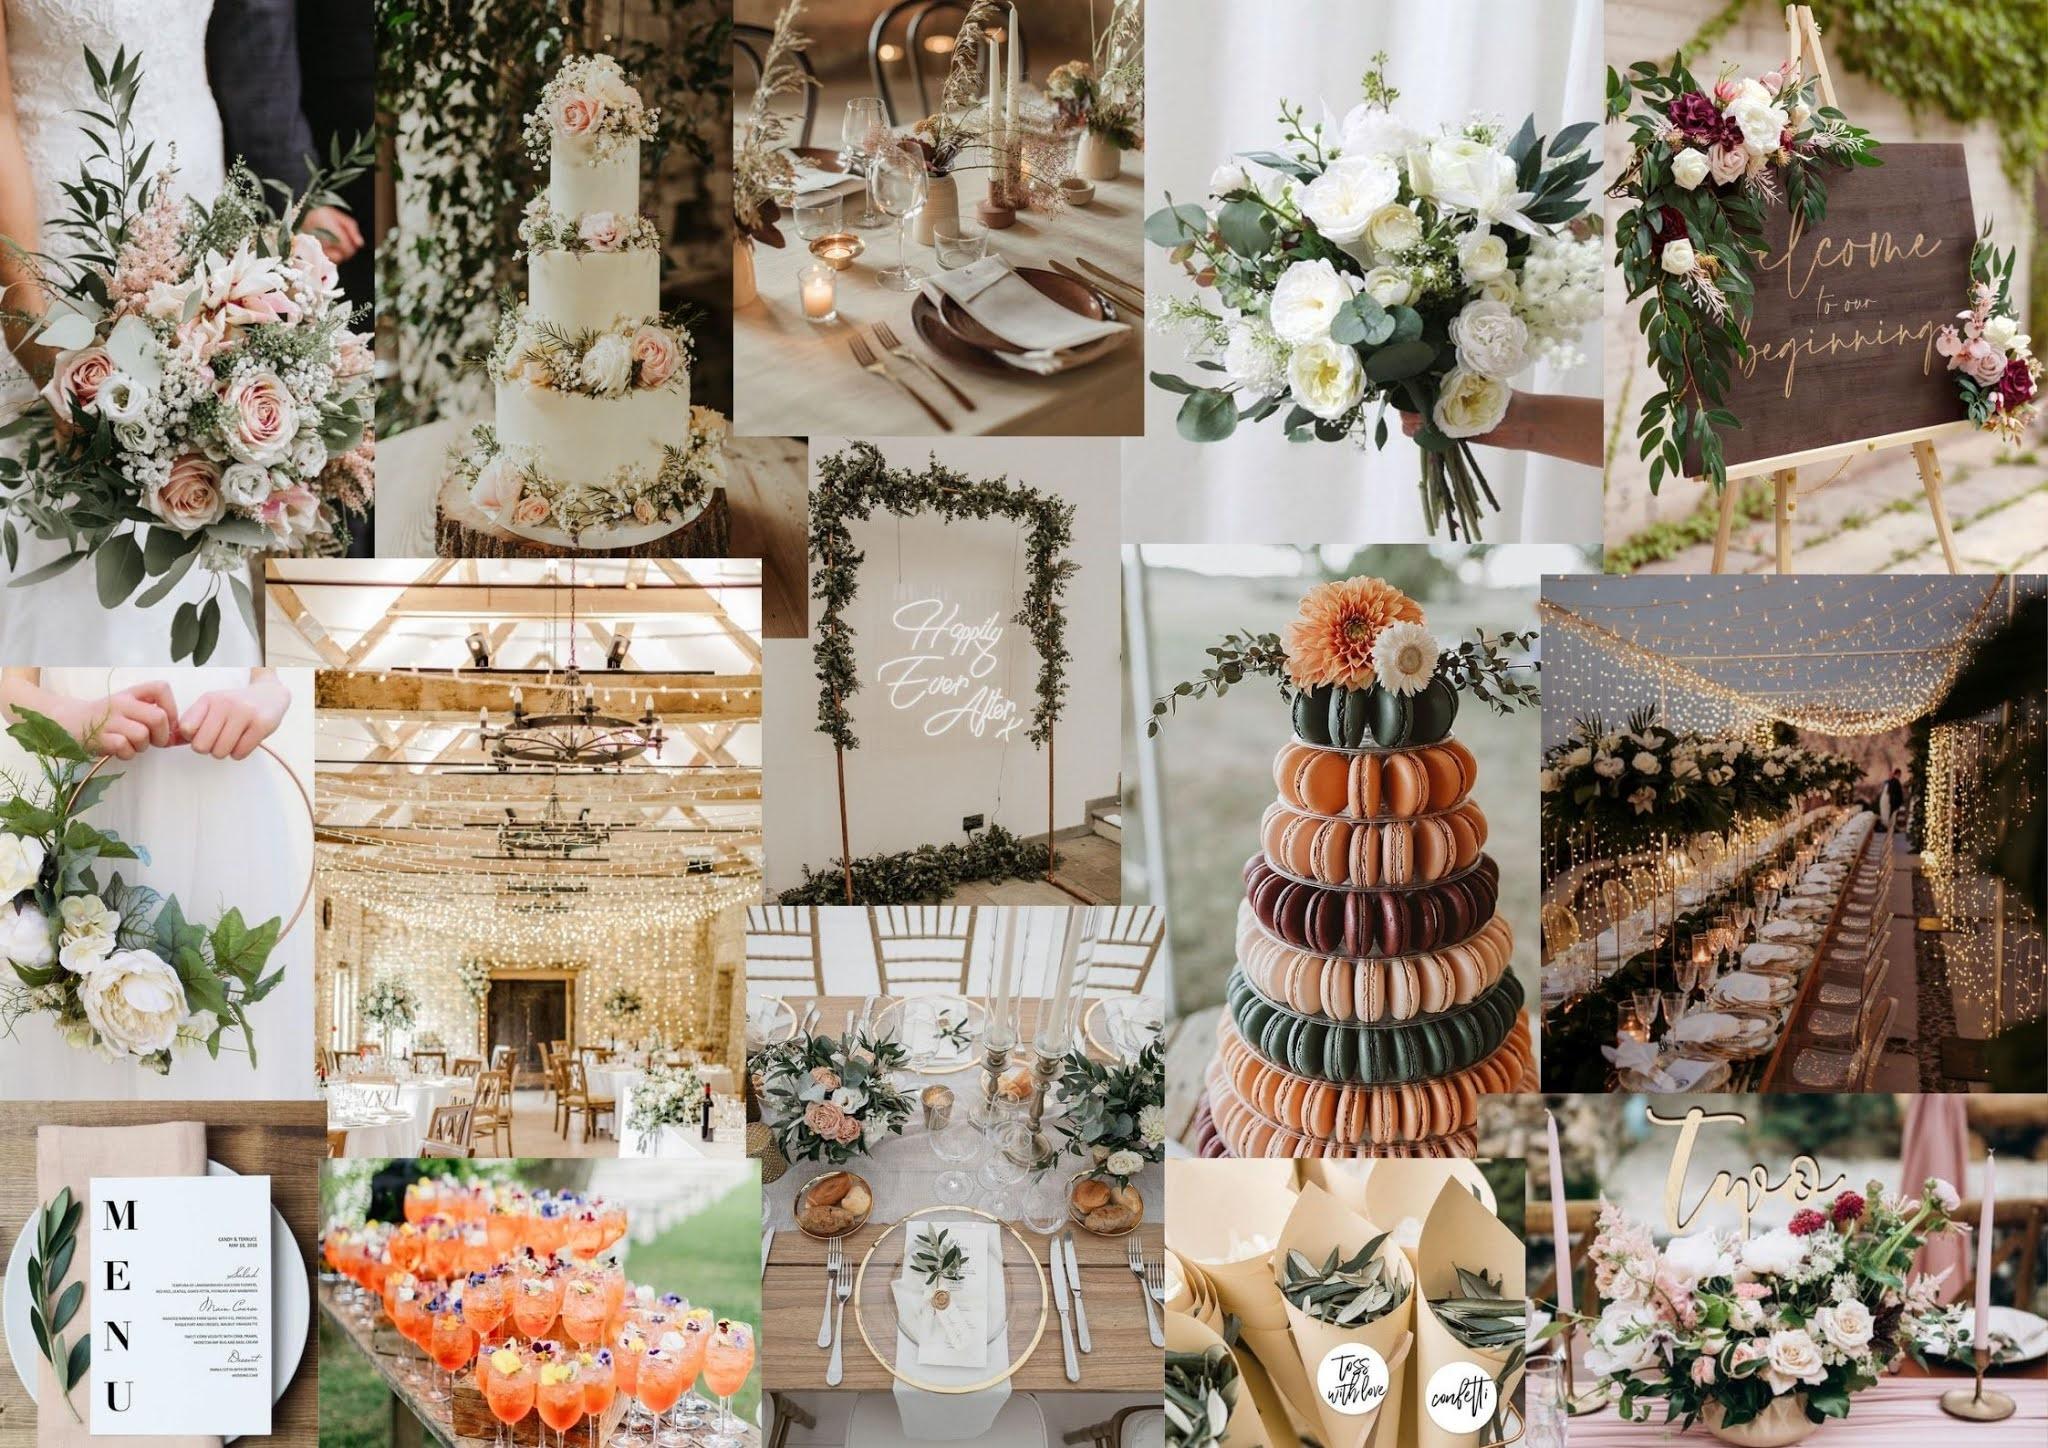 wedding Inso, wedding, wedding flowers, wedding cake, wedding ideas